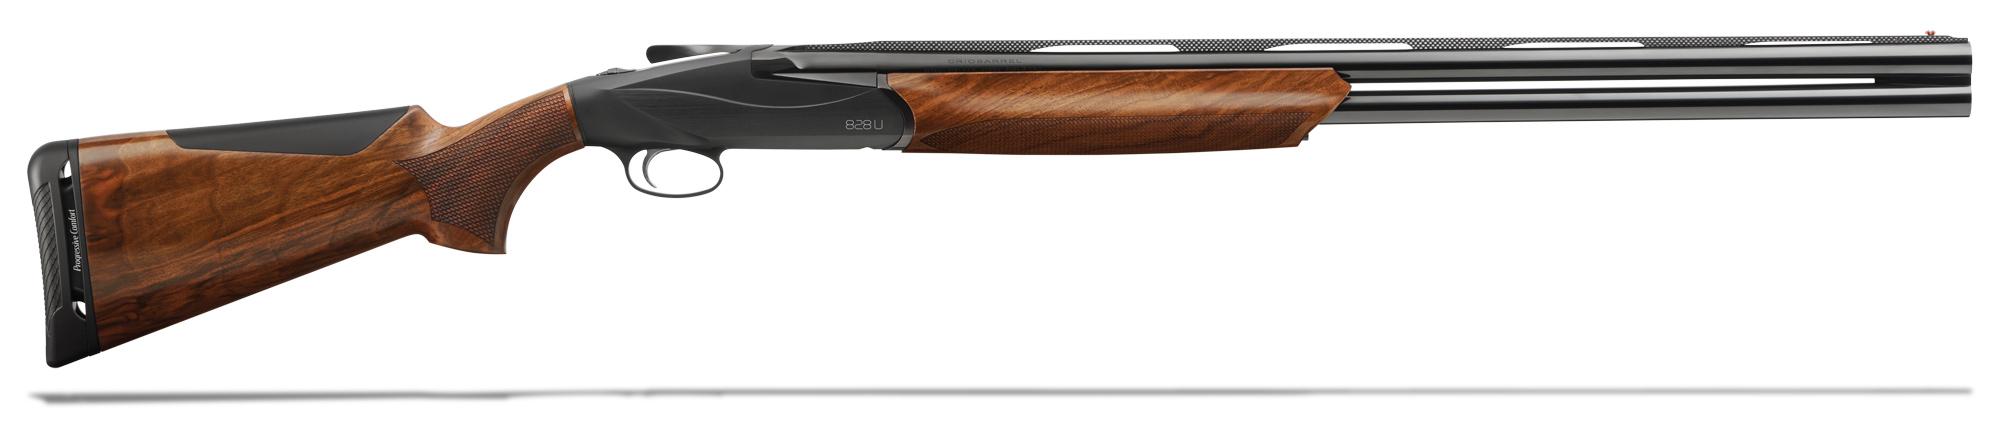 Benelli 828U 12-gauge 26